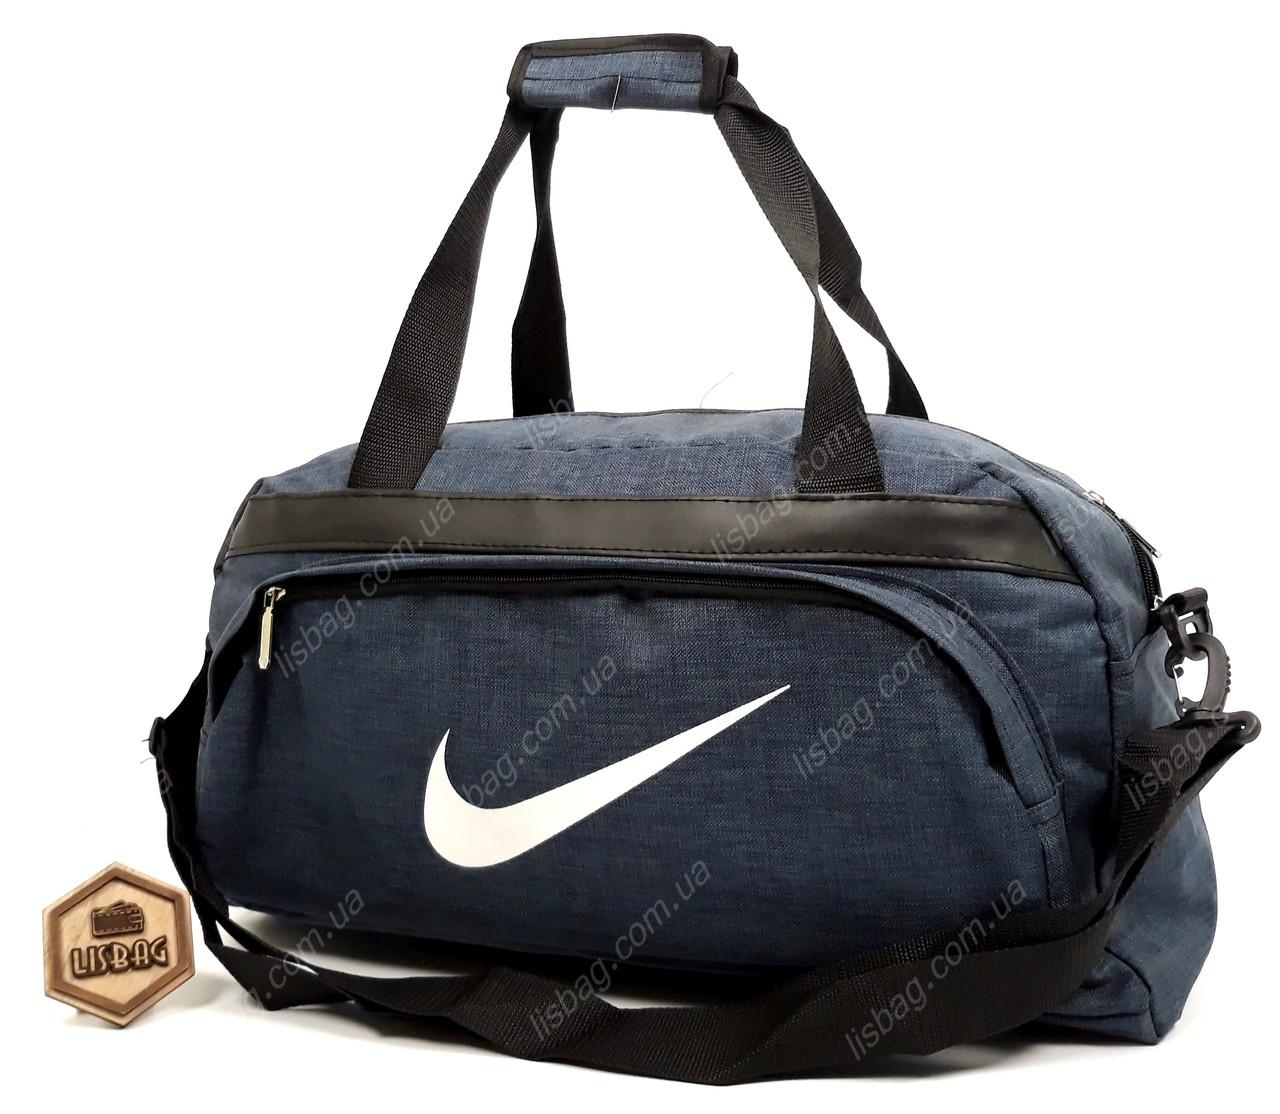 128dc5123a8e Большая спортивная сумка на тренировку Nike реплика люкс качества ...